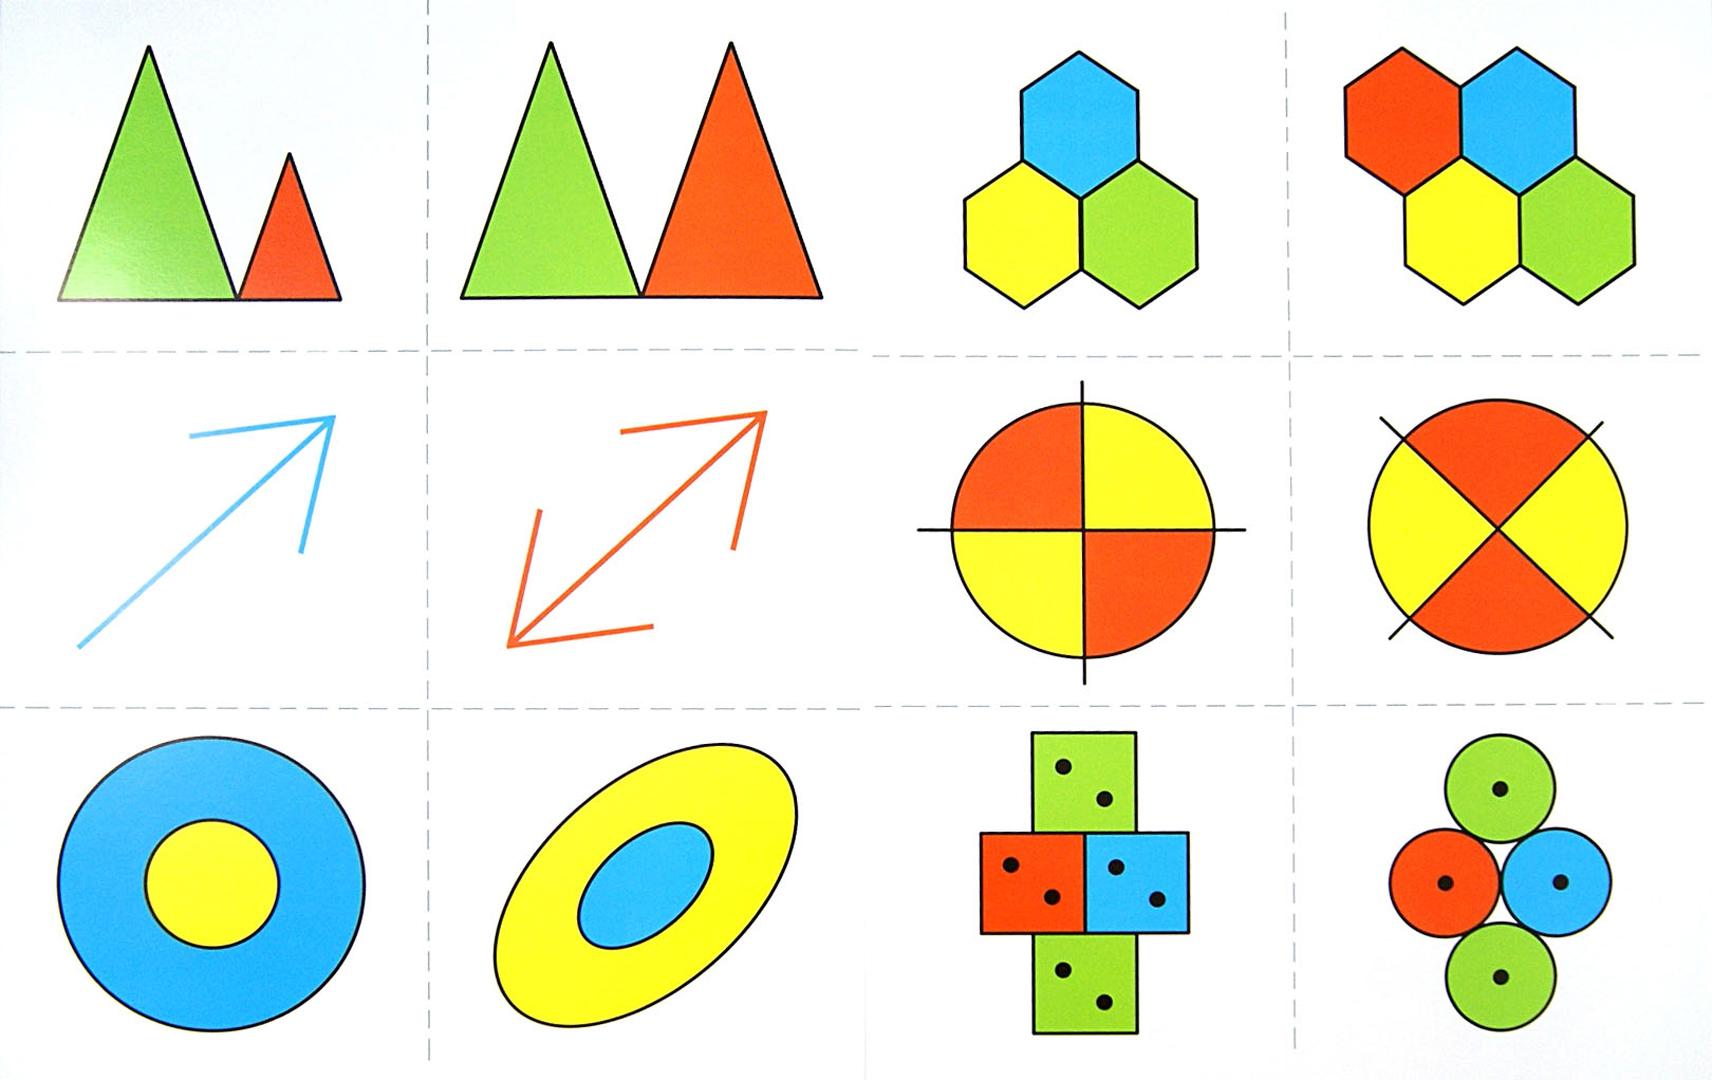 Иллюстрация 1 из 2 для Тренируем руку. Развивающие задания и игра для детей 4-5 лет - Анна Ковалева   Лабиринт - книги. Источник: Лабиринт